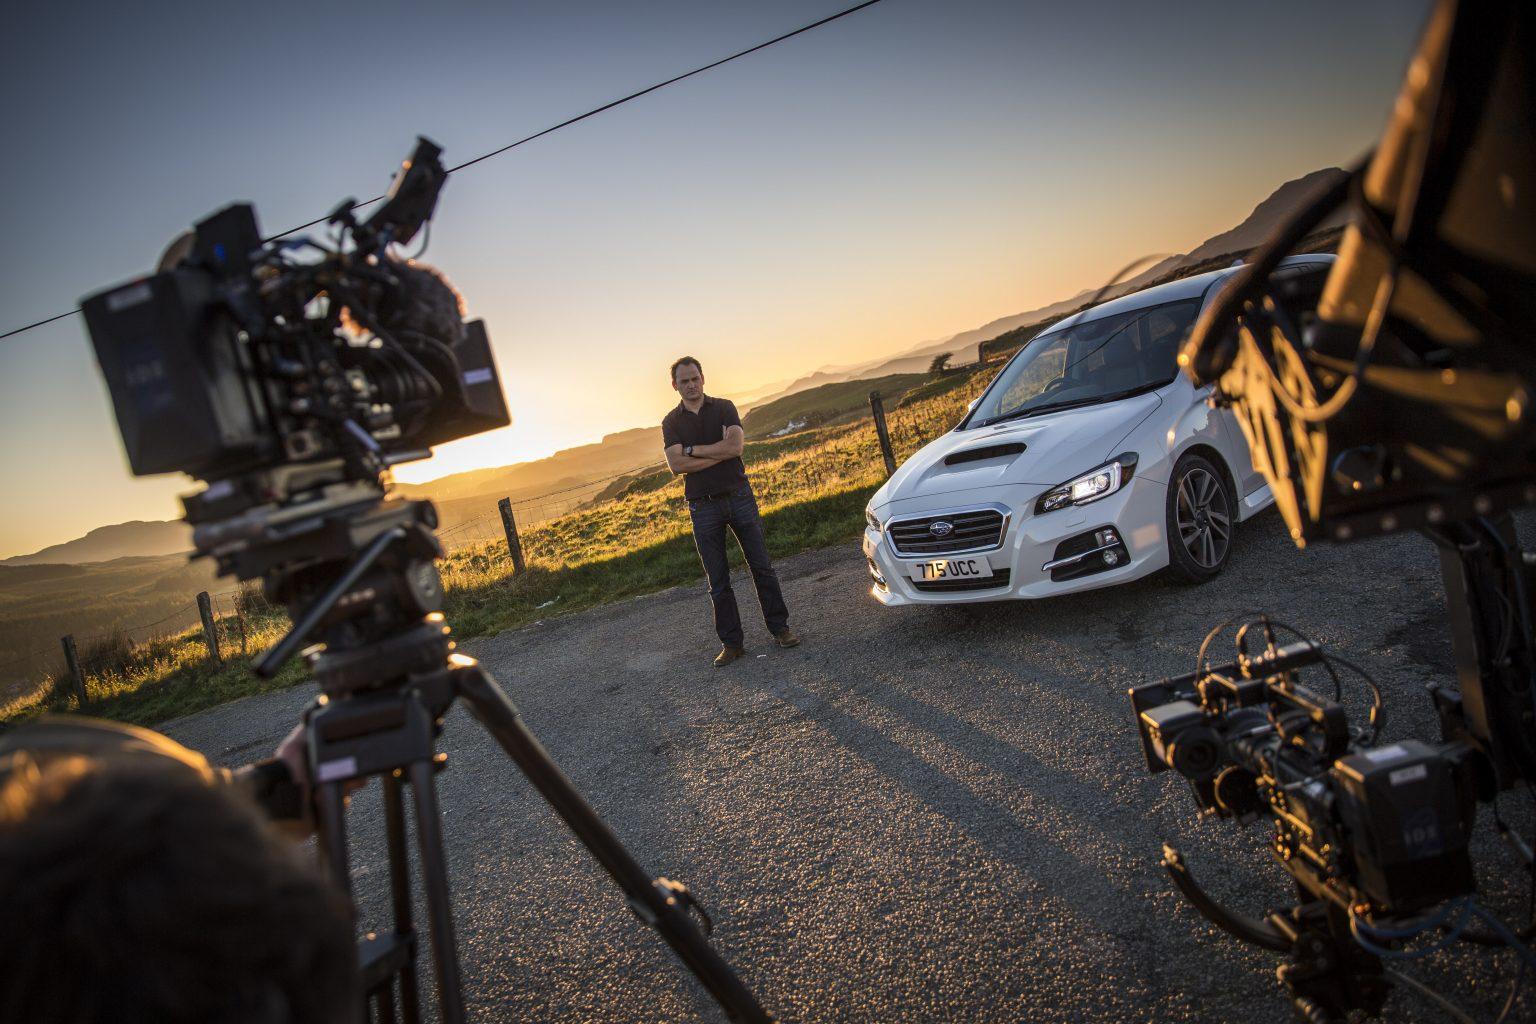 Filming Camera Crew Still Subaru Shoot